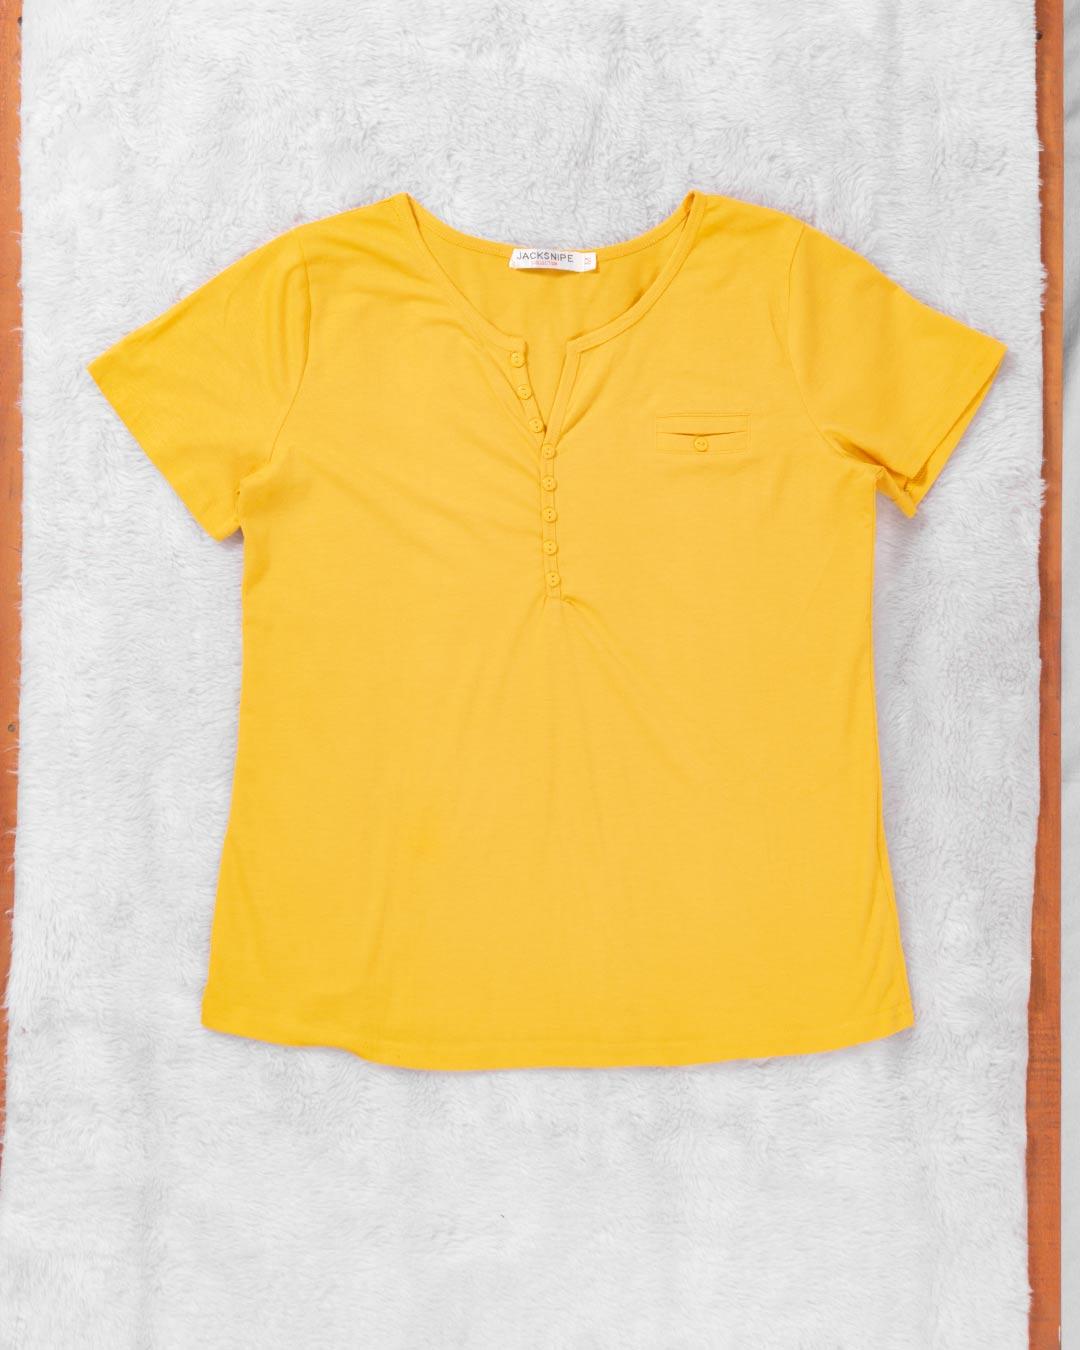 Blusa Adulta Com Botão e Bolso Falso - Jacksnipe